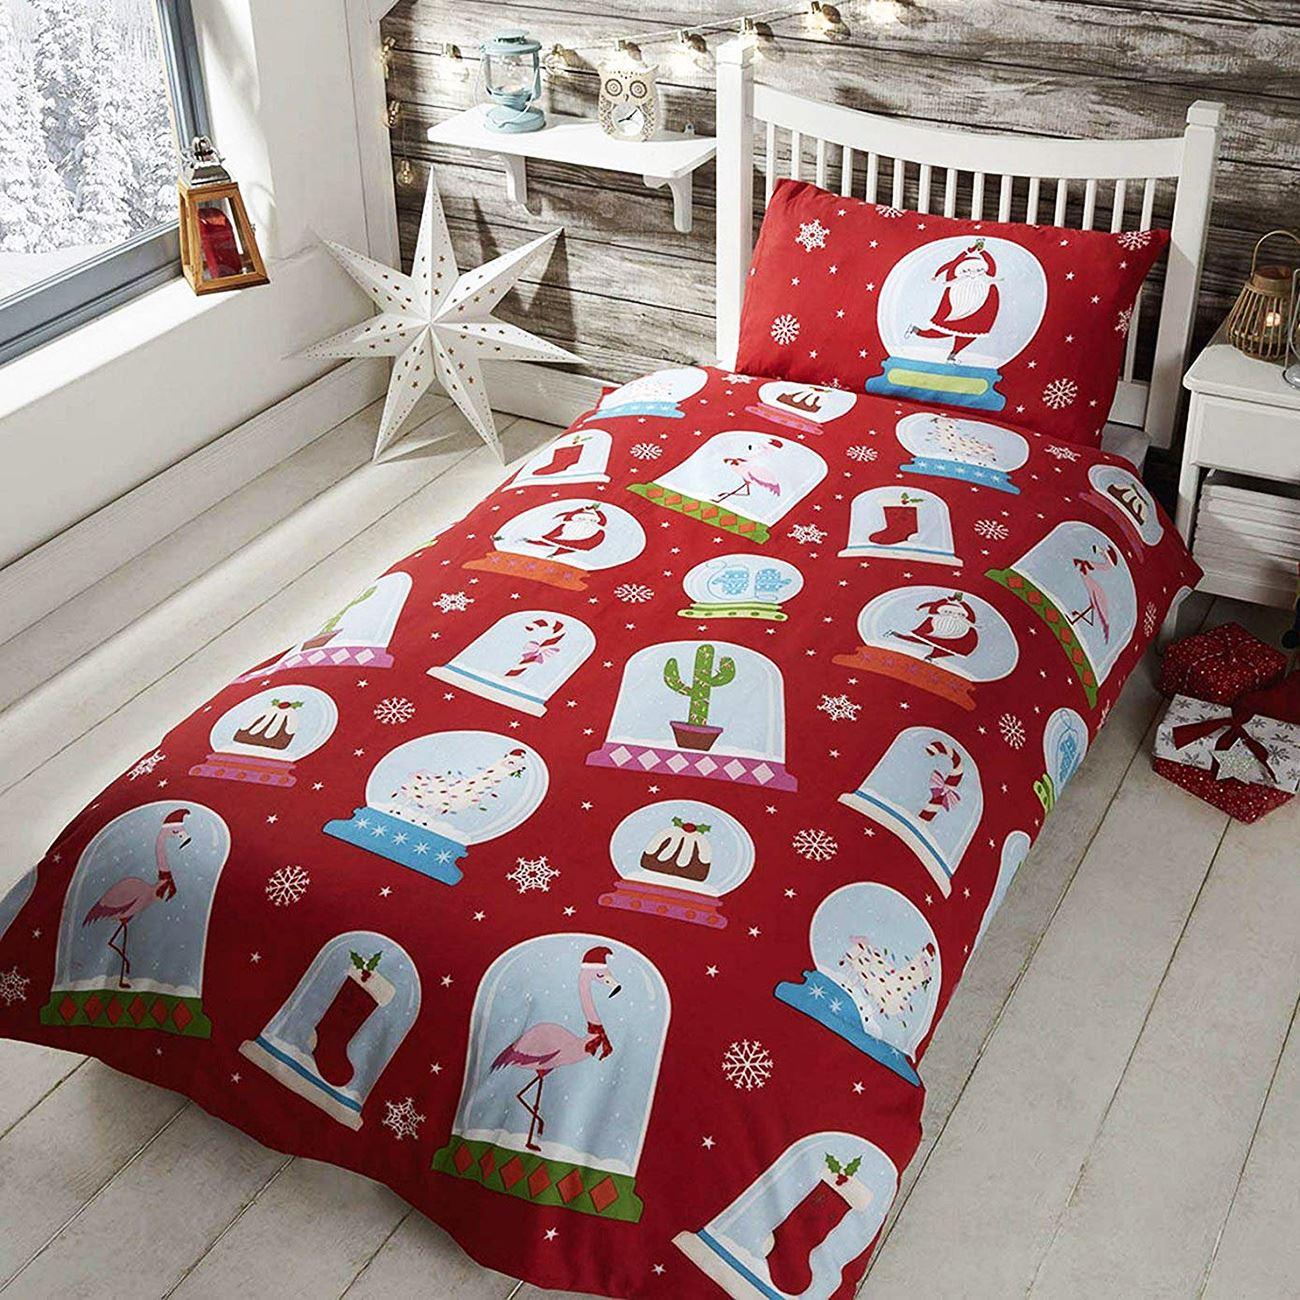 Indexbild 82 - Kinder Weihnachten Bettbezug Sets - Junior Einzel Doppel King - Elf Emoji Grinch